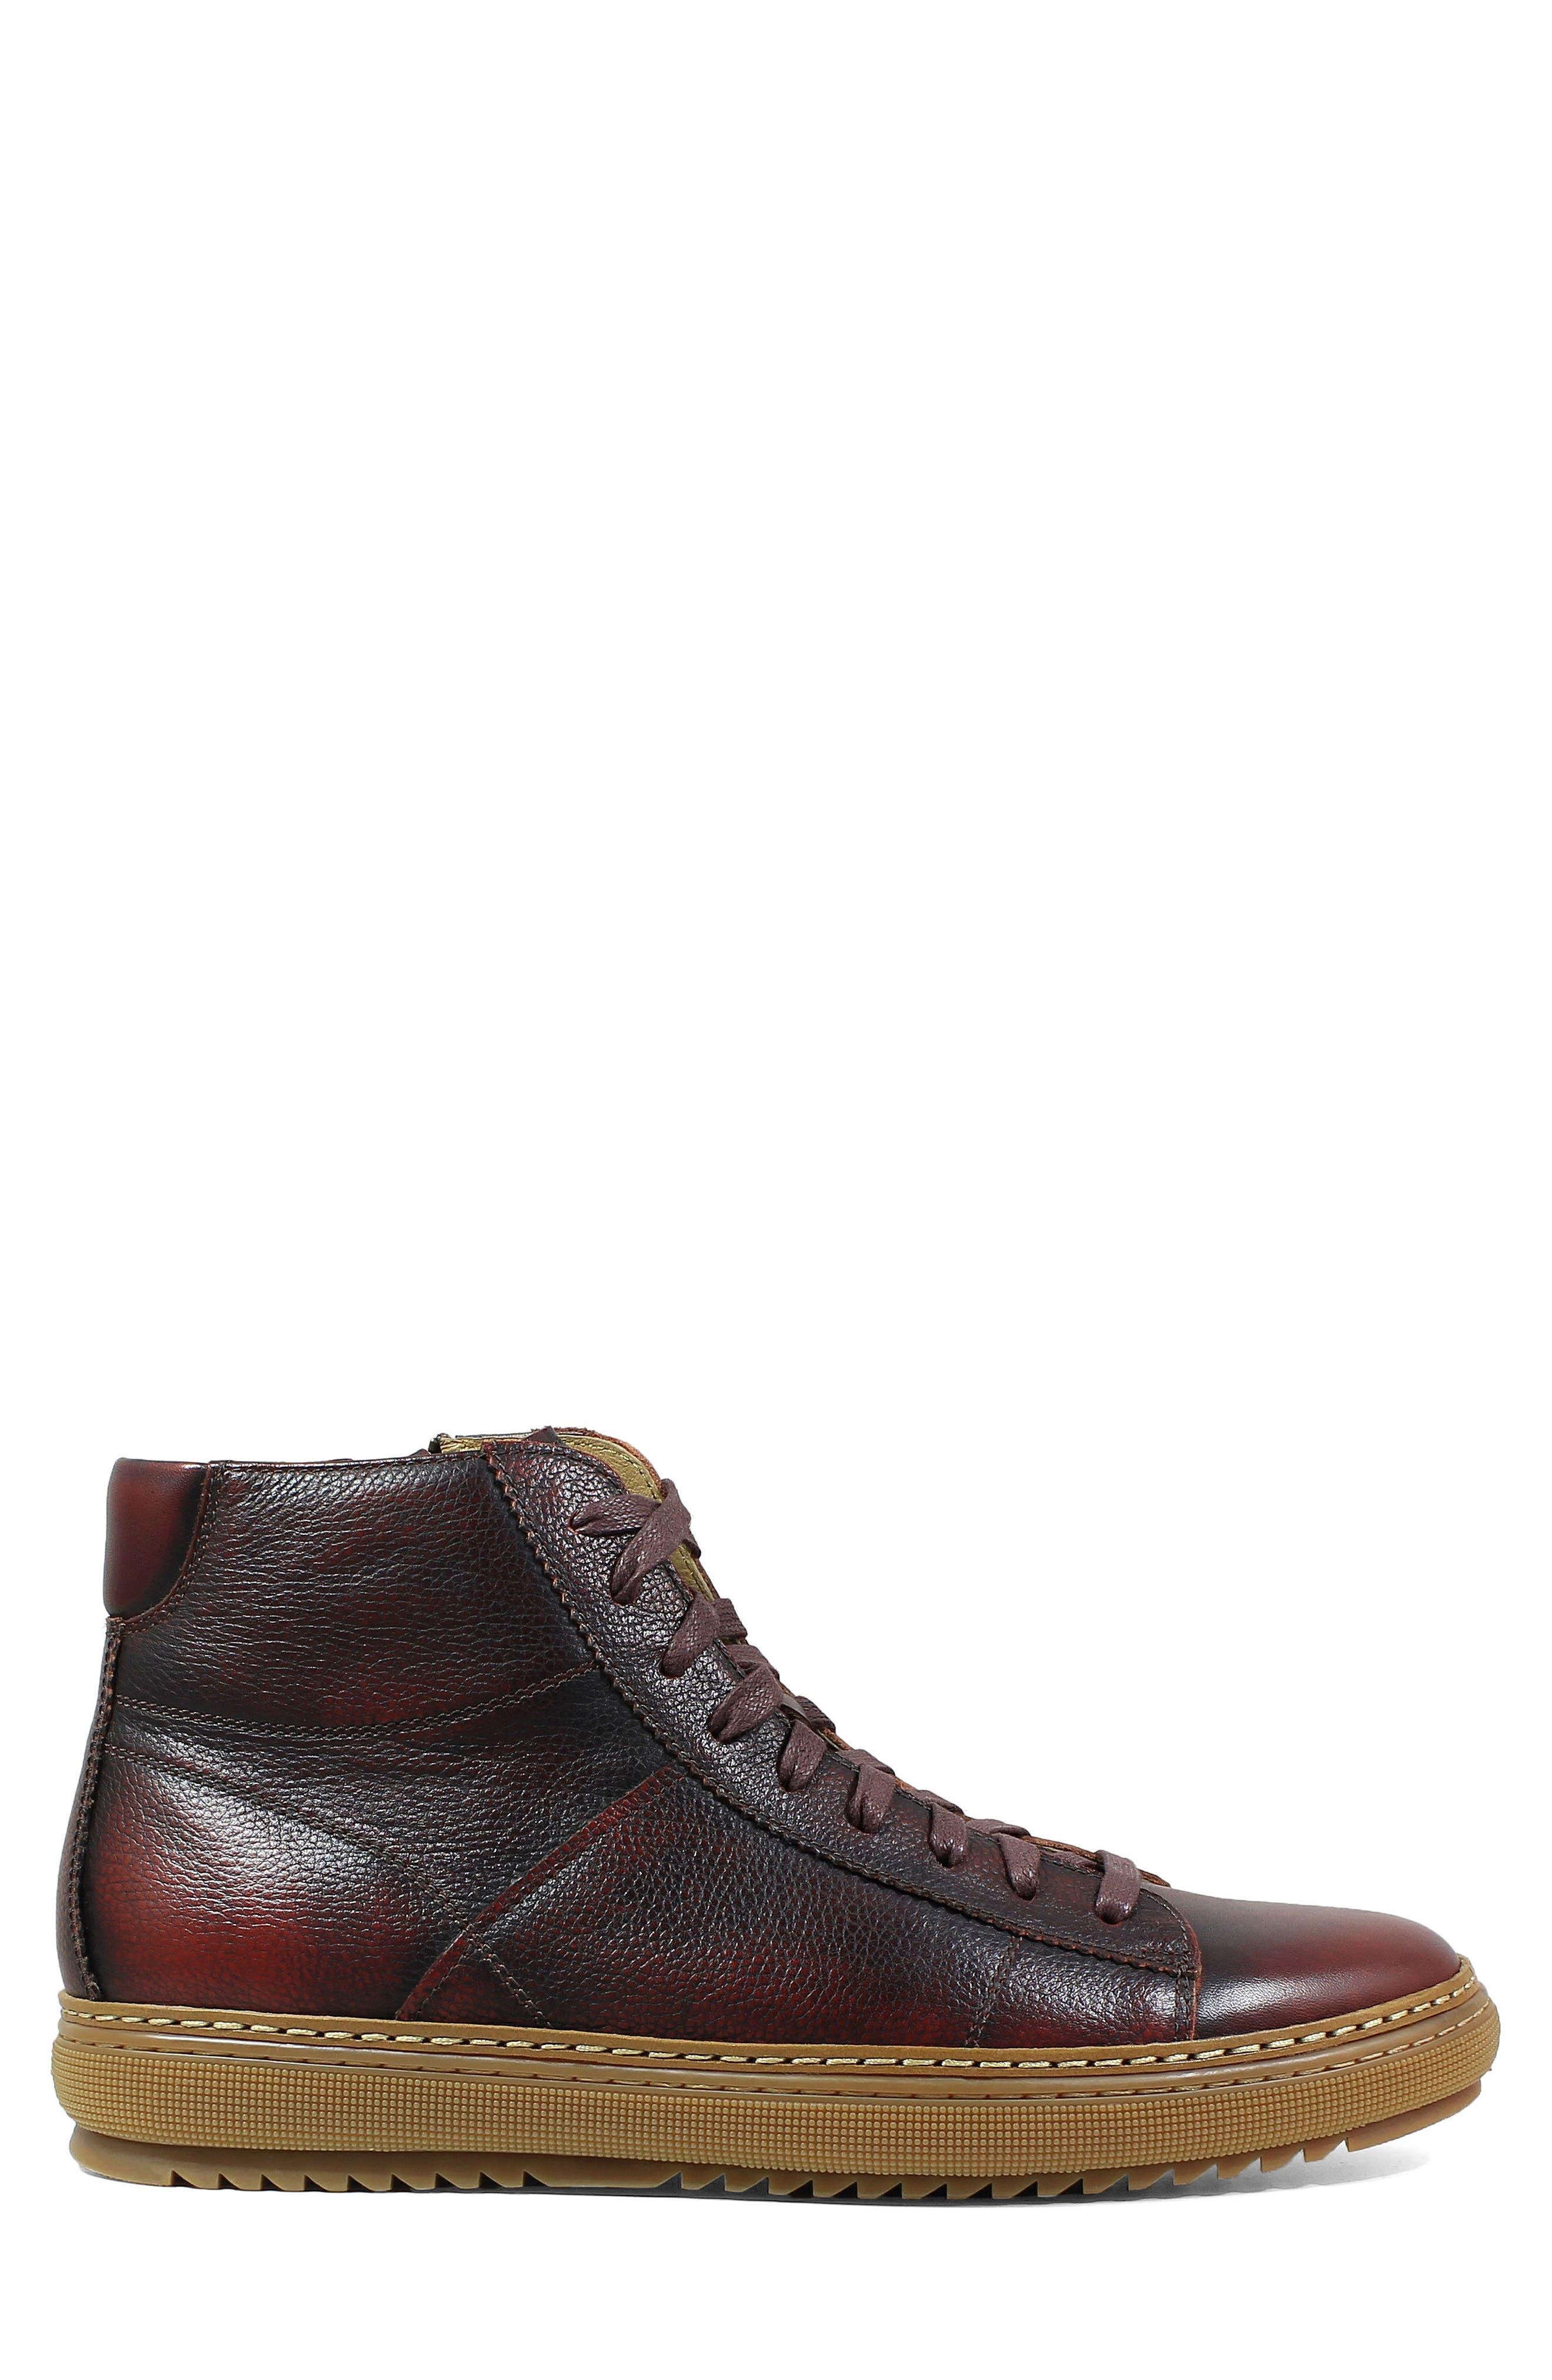 Crew Sneaker,                             Alternate thumbnail 3, color,                             Burgundy